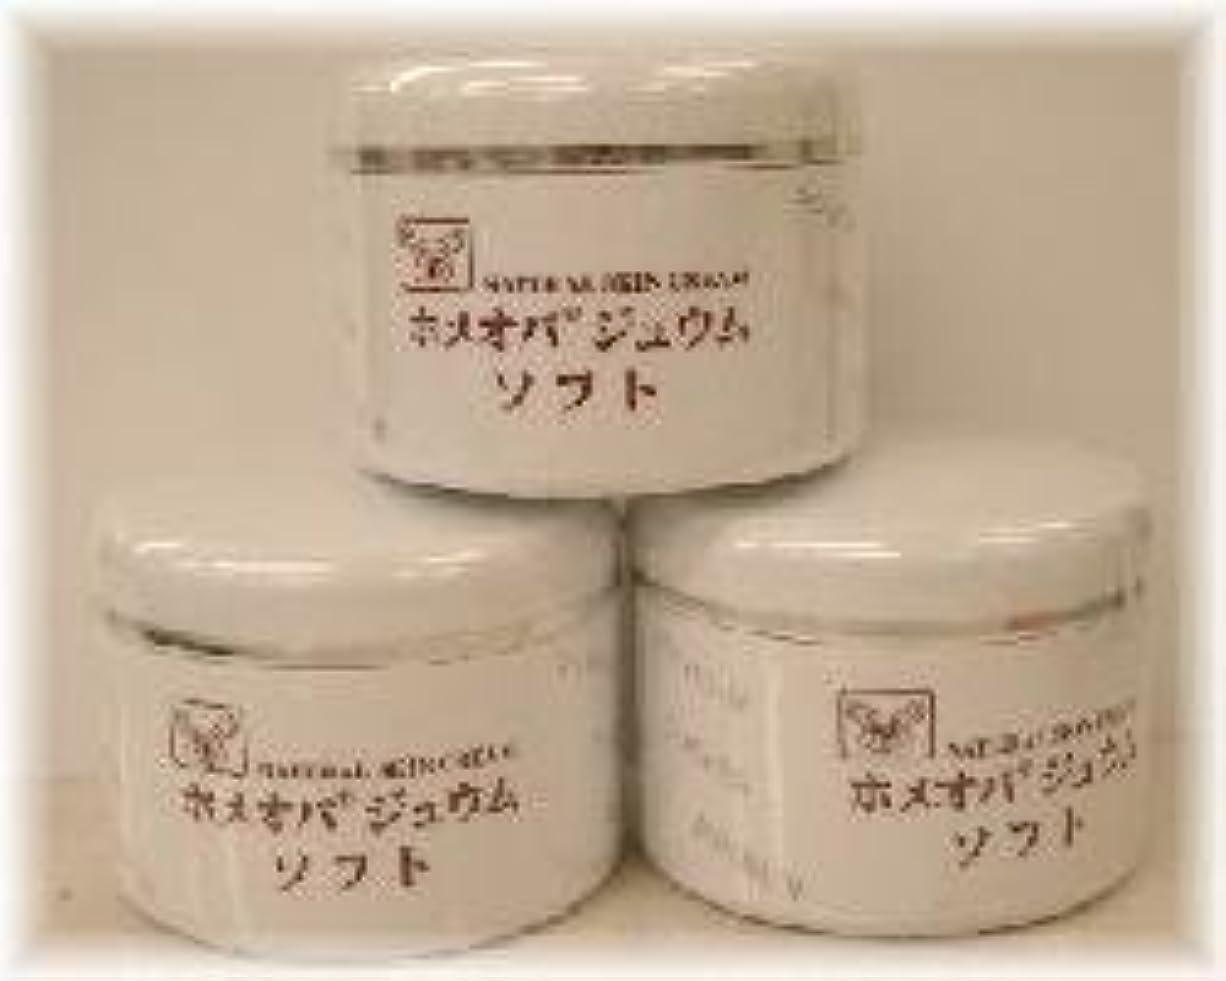 毎年教義境界ホメオパジュウム スキンケア商品3点¥10500クリームソフトx3個